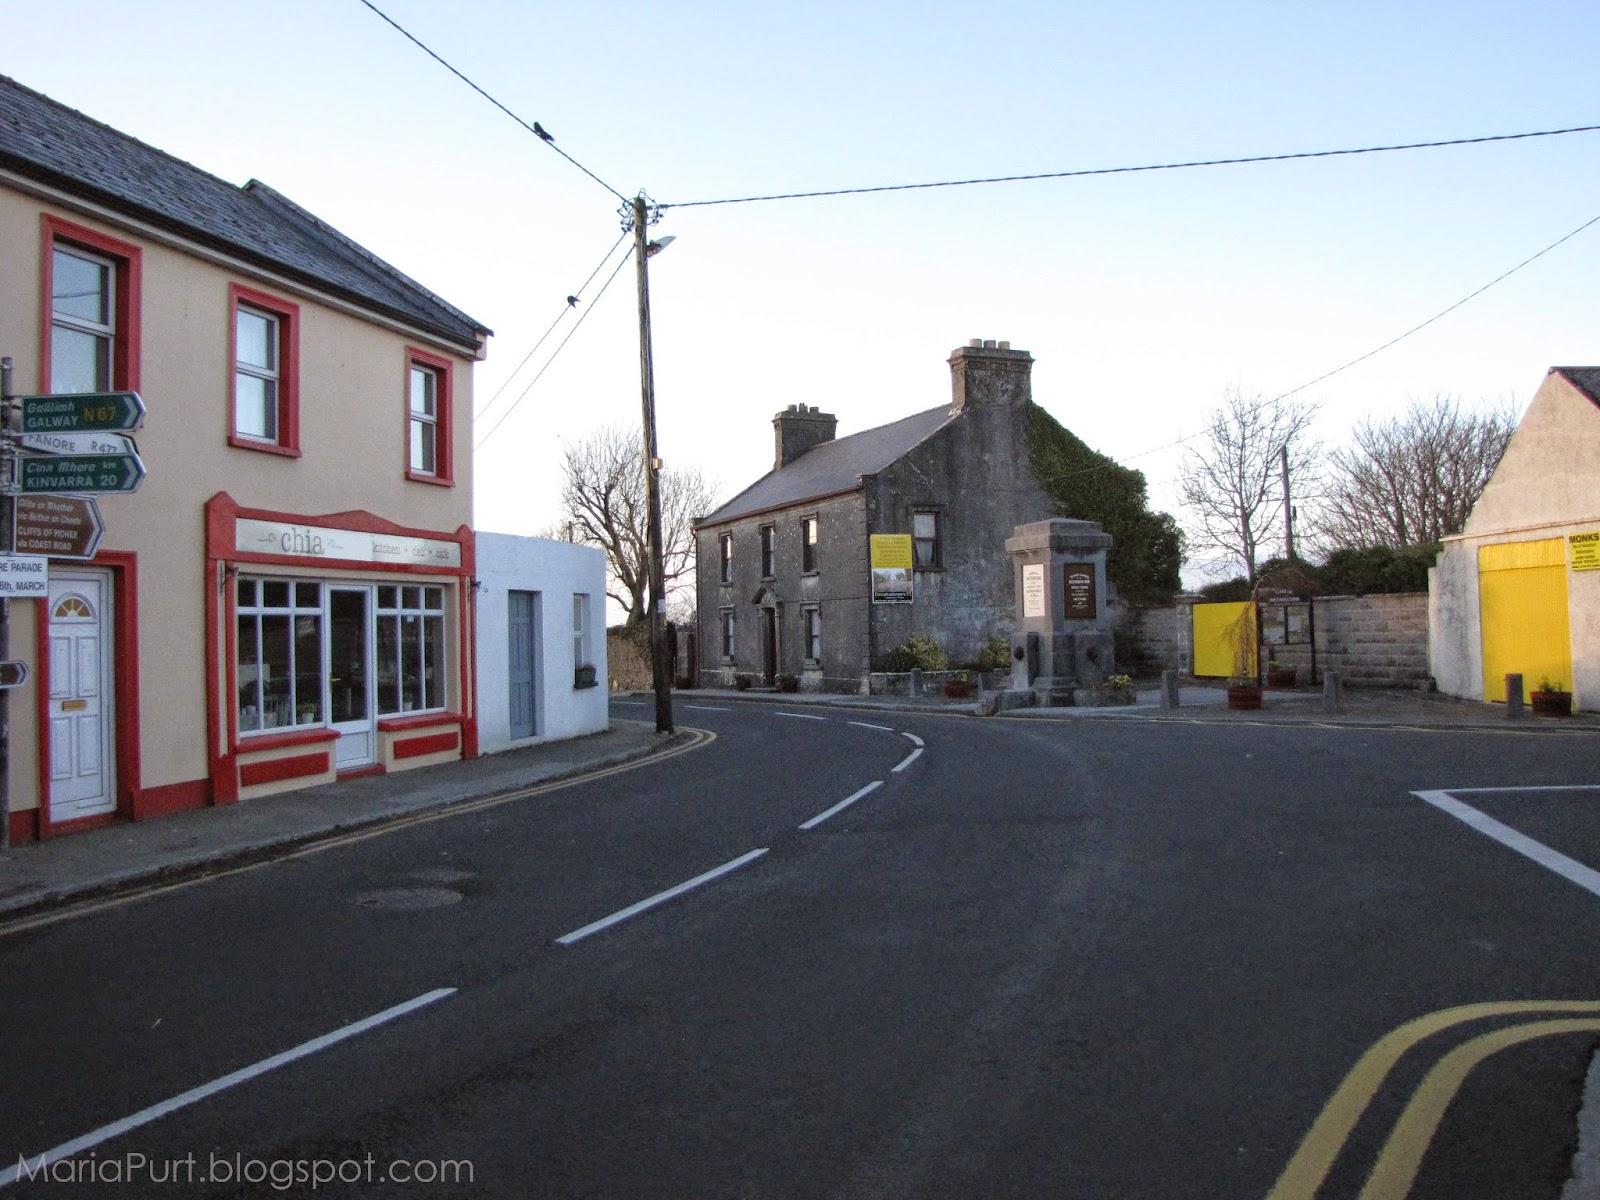 Тихая уютная улочка в небольшом городке в Ирландии